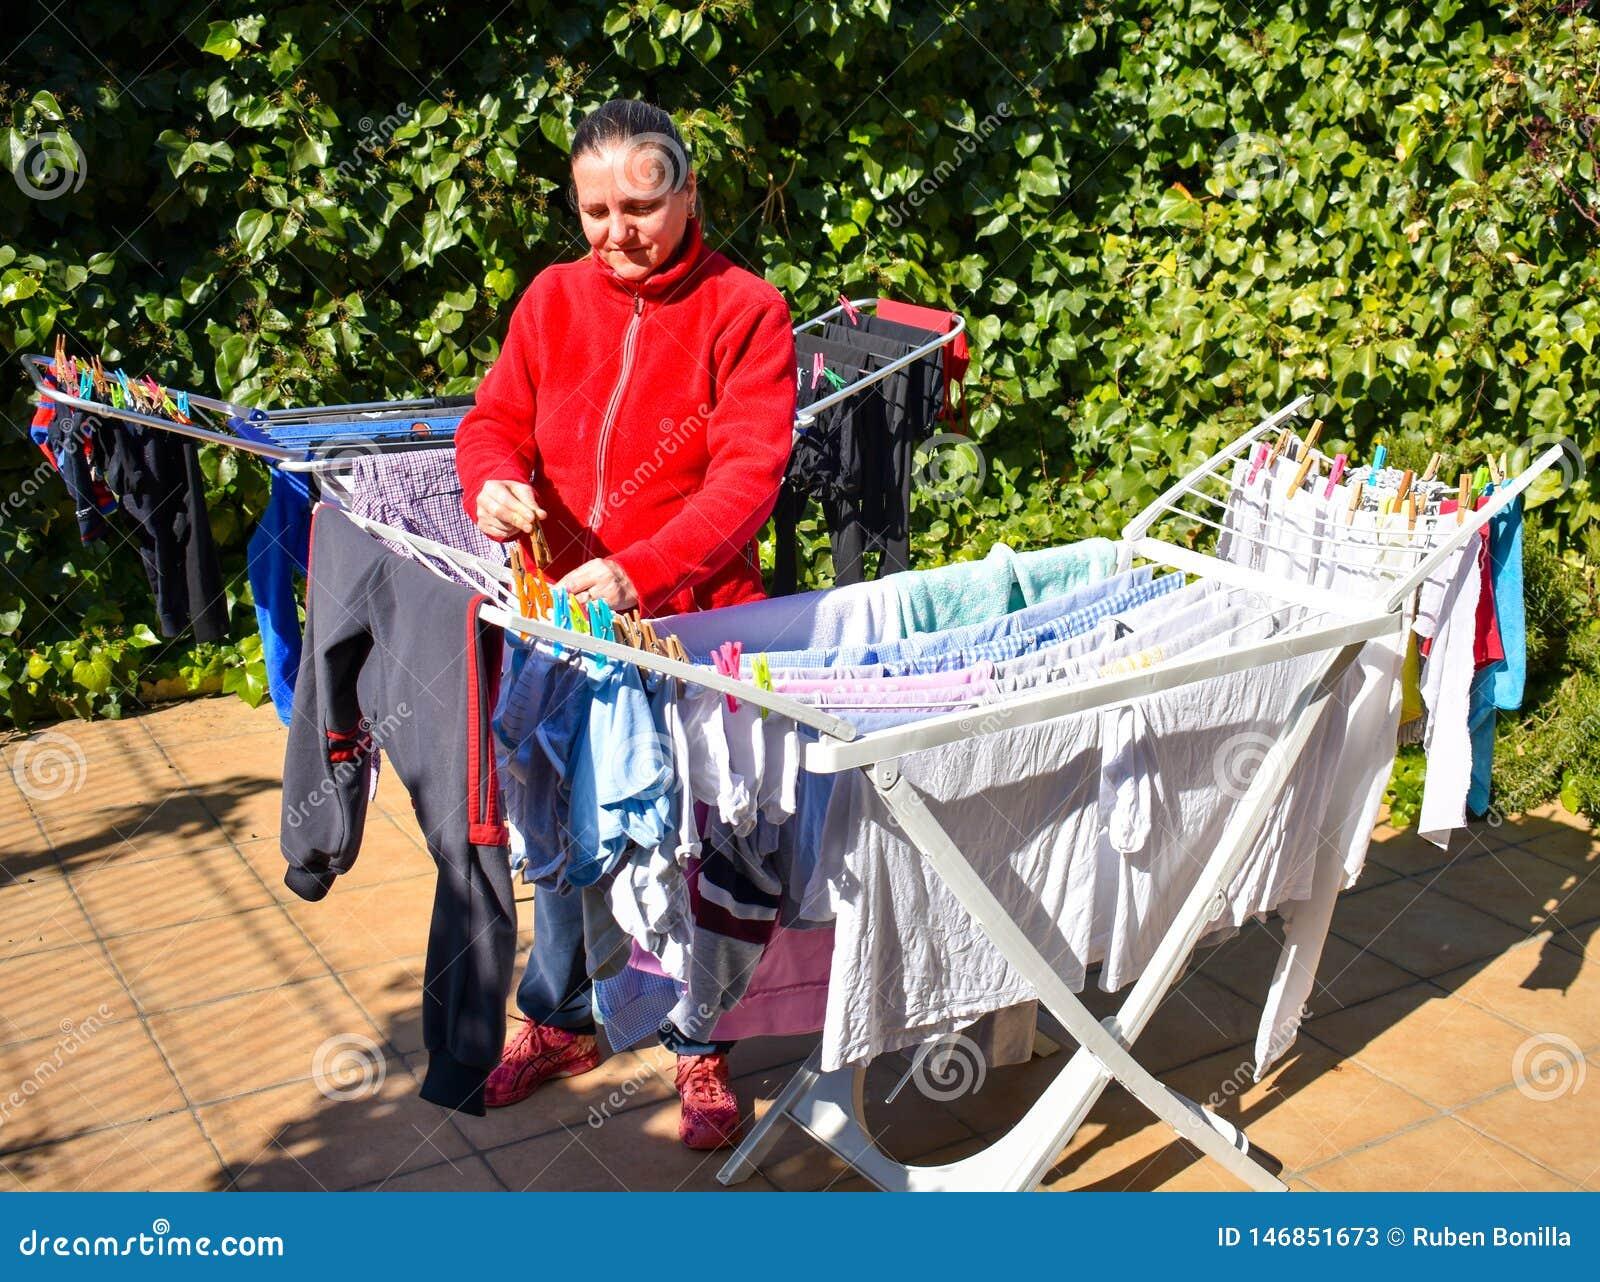 La femme au foyer heureuse jugeant les vêtements humides juste enlevés de la machine à laver dans la ligne de lavage a mis dessus